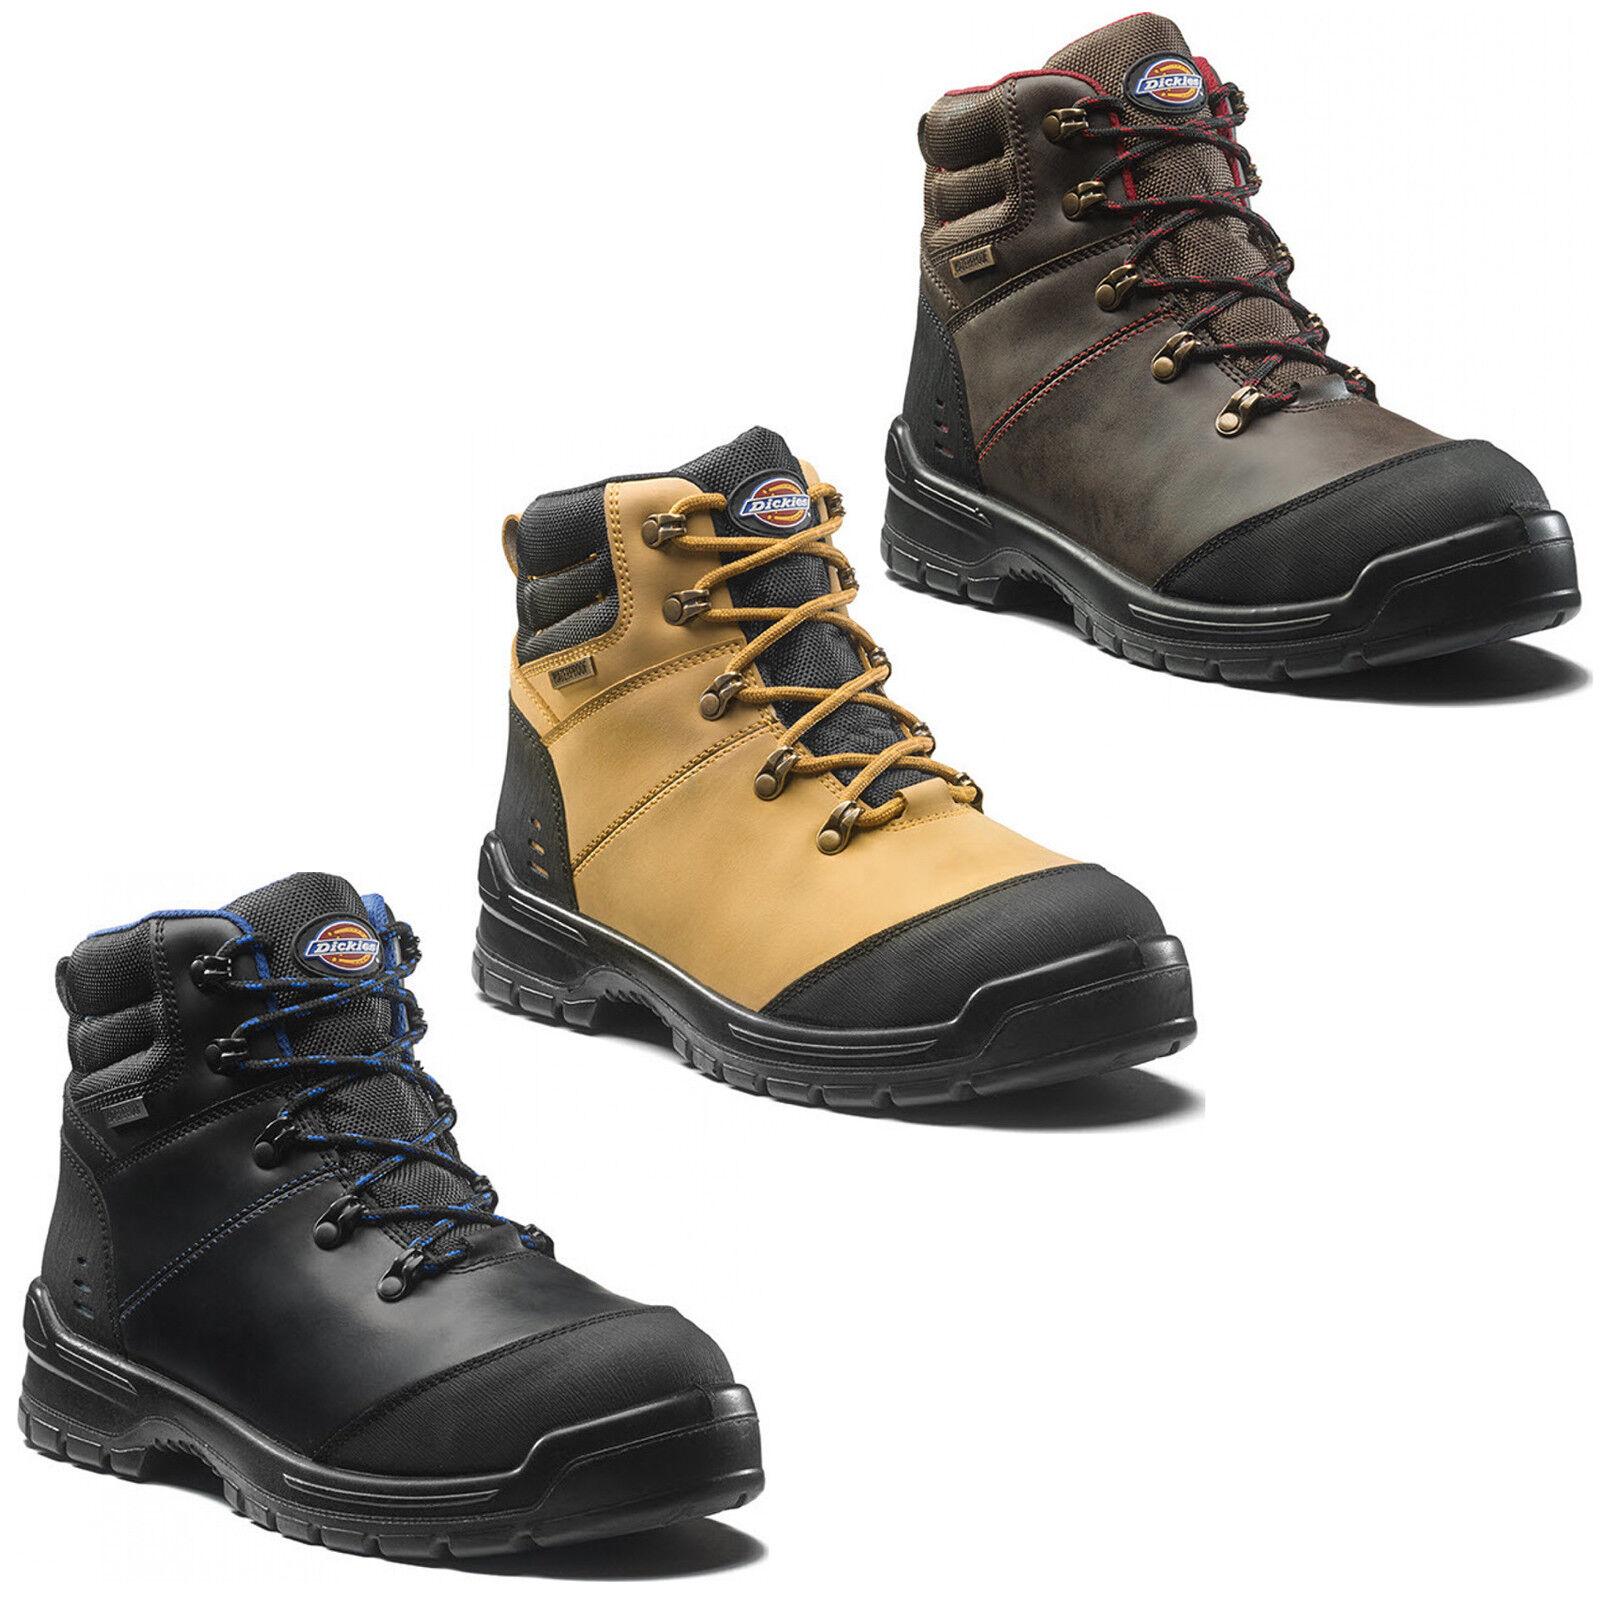 Dickies Cameron Stivali di sicurezza impermeabile Uomo COMPOSITO Punta Scarpe Da Uomo impermeabile a60fd3